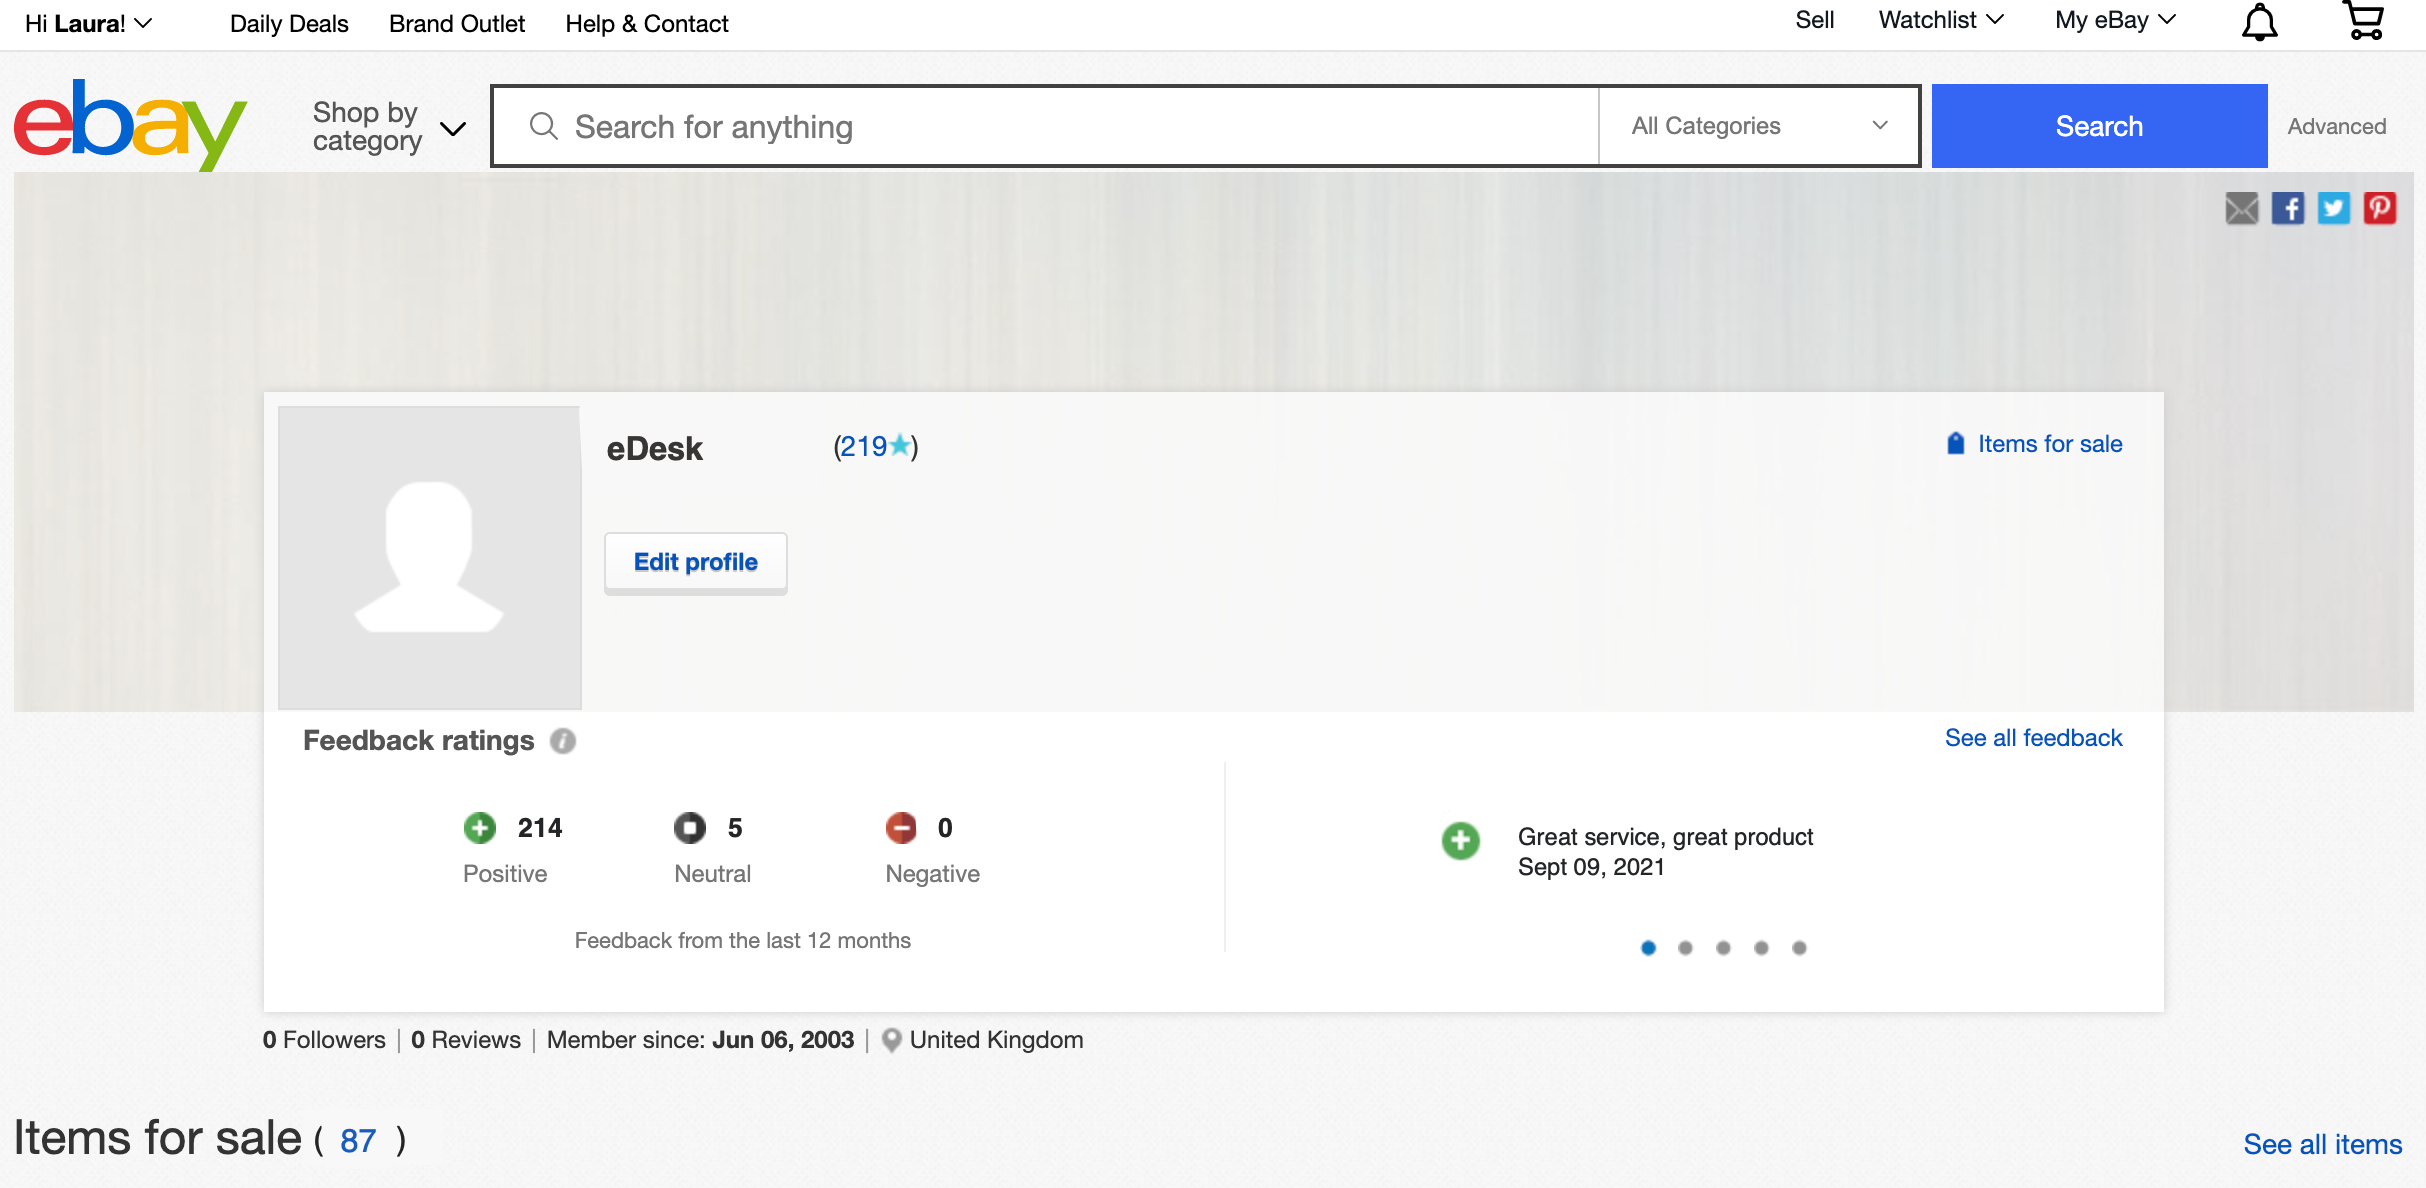 Your feedback on eBay